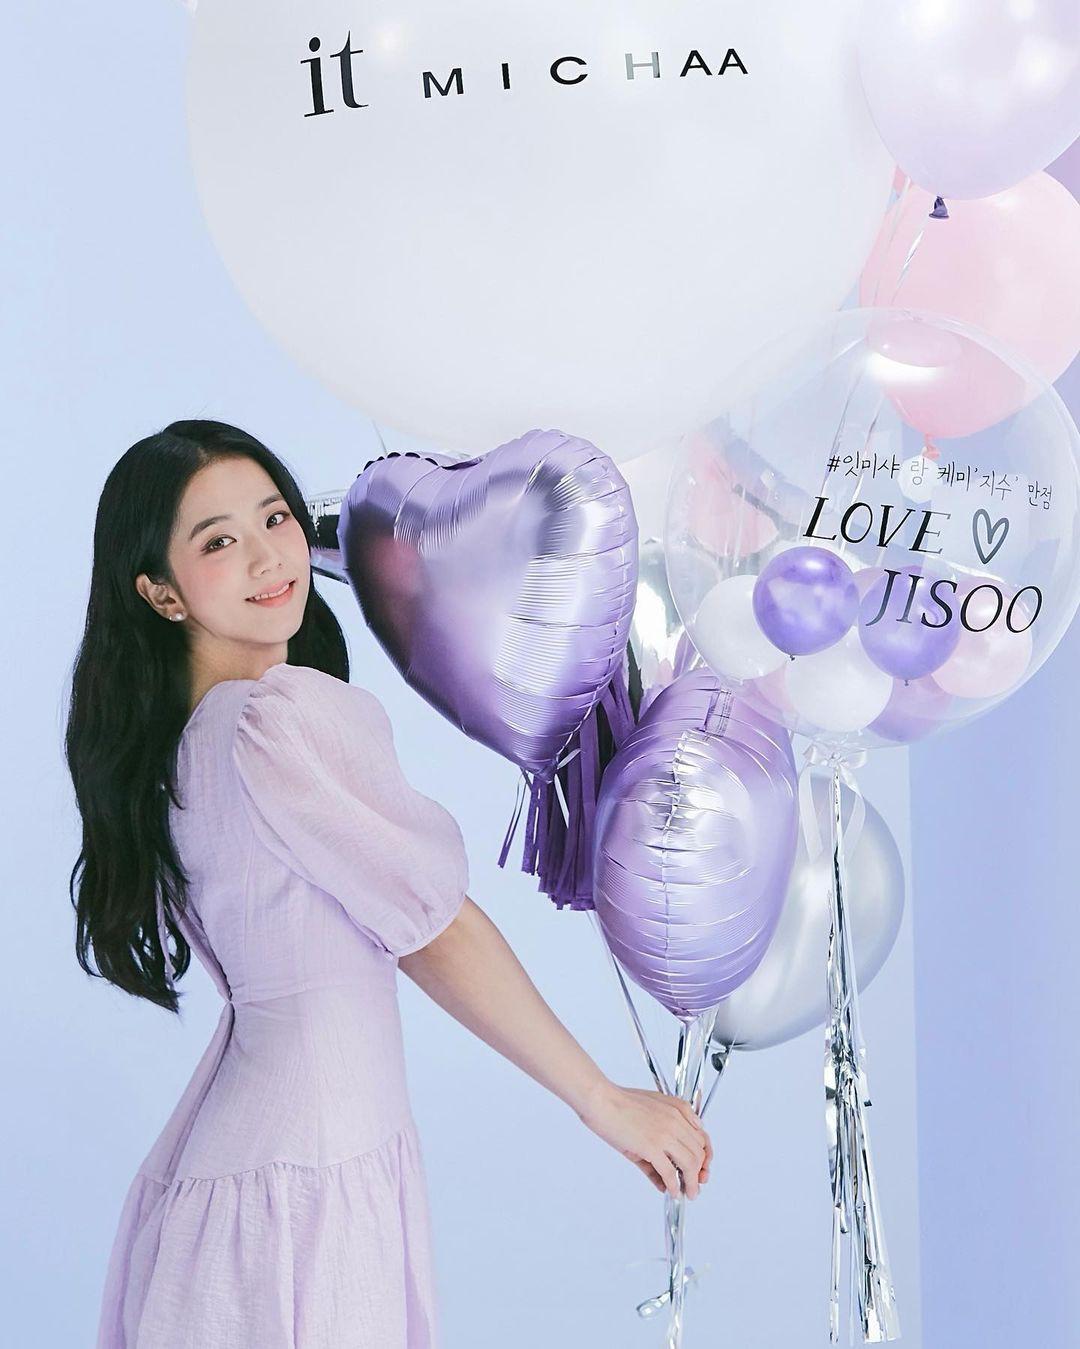 it MICHAA là một thương hiệu thời trang nội địa nổi tiếng tại Hàn Quốc, từng gắn với những đại sứ thương hiệu như Seo Hyun, Jun Ji Hyun. Từ năm nay, Ji Soo trở thành nàng thơ mới, đồng hành cùng hãng trong các hoạt động quảng bá gần đây. it MICHAA vốn có phong cách nữ tính và nhẹ nhàng, hòa hợp với vẻ đẹp trong trẻo, dịu dàng của Ji Soo.